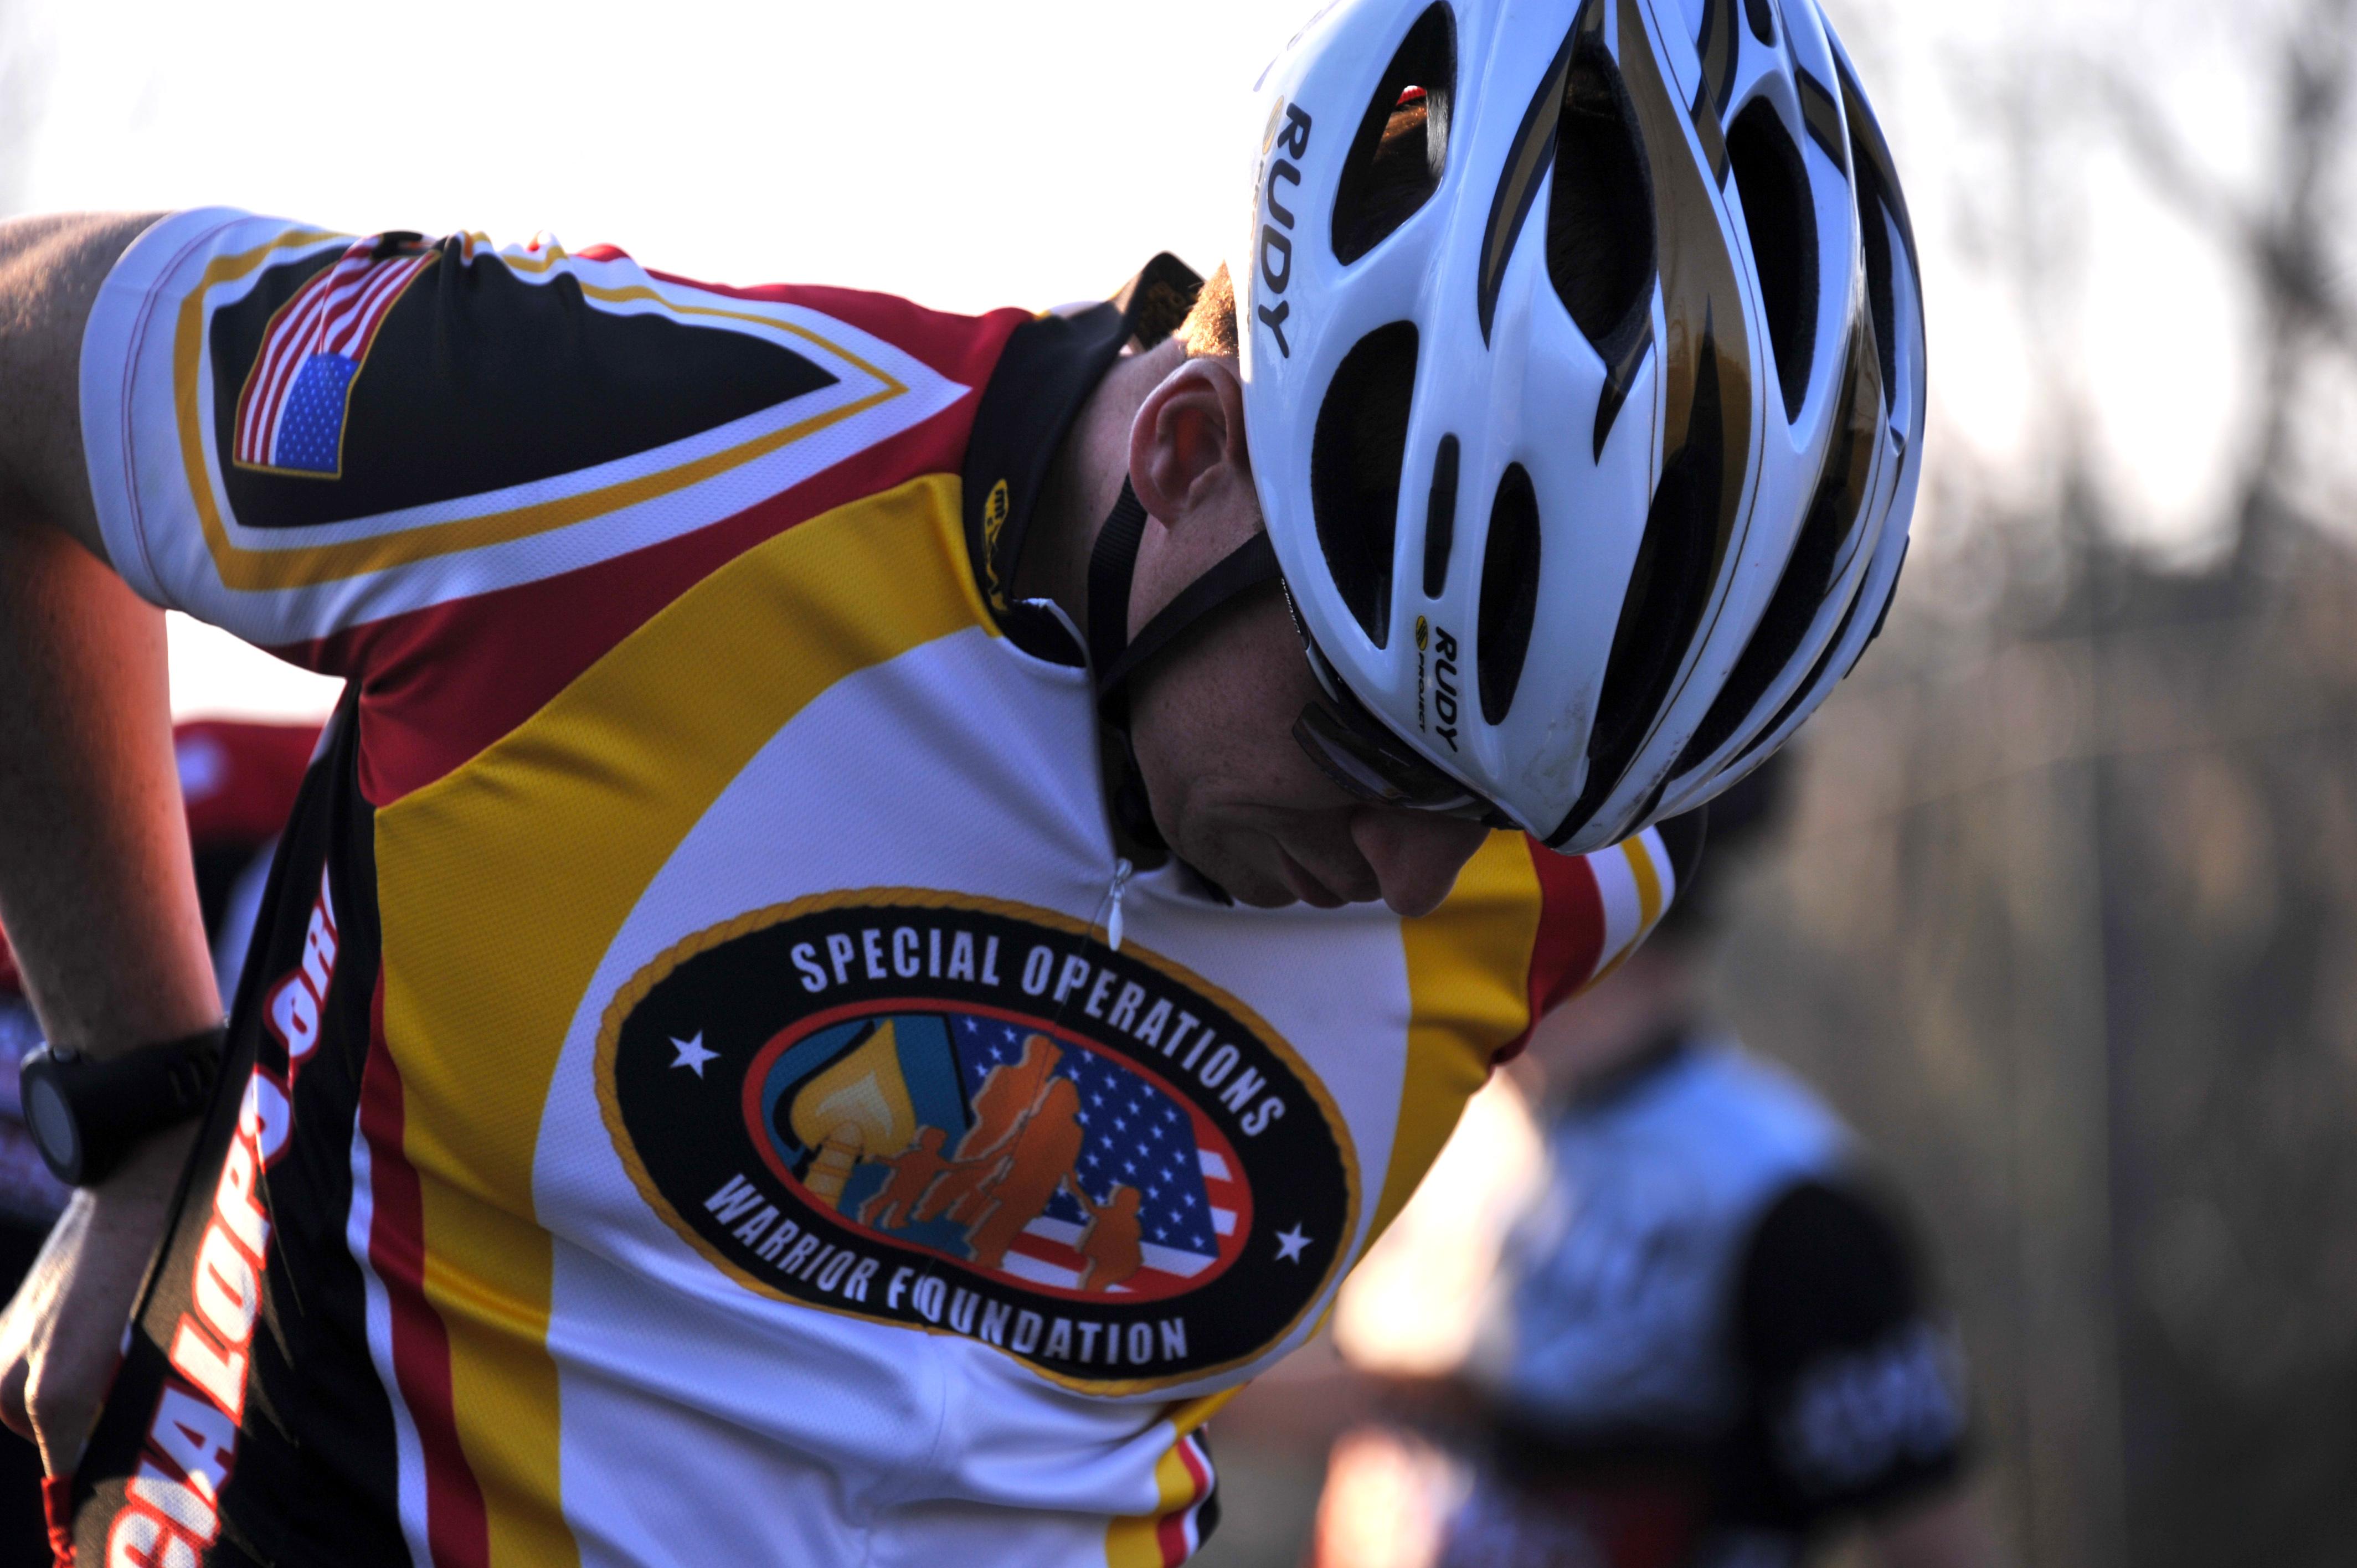 Bike road helmet